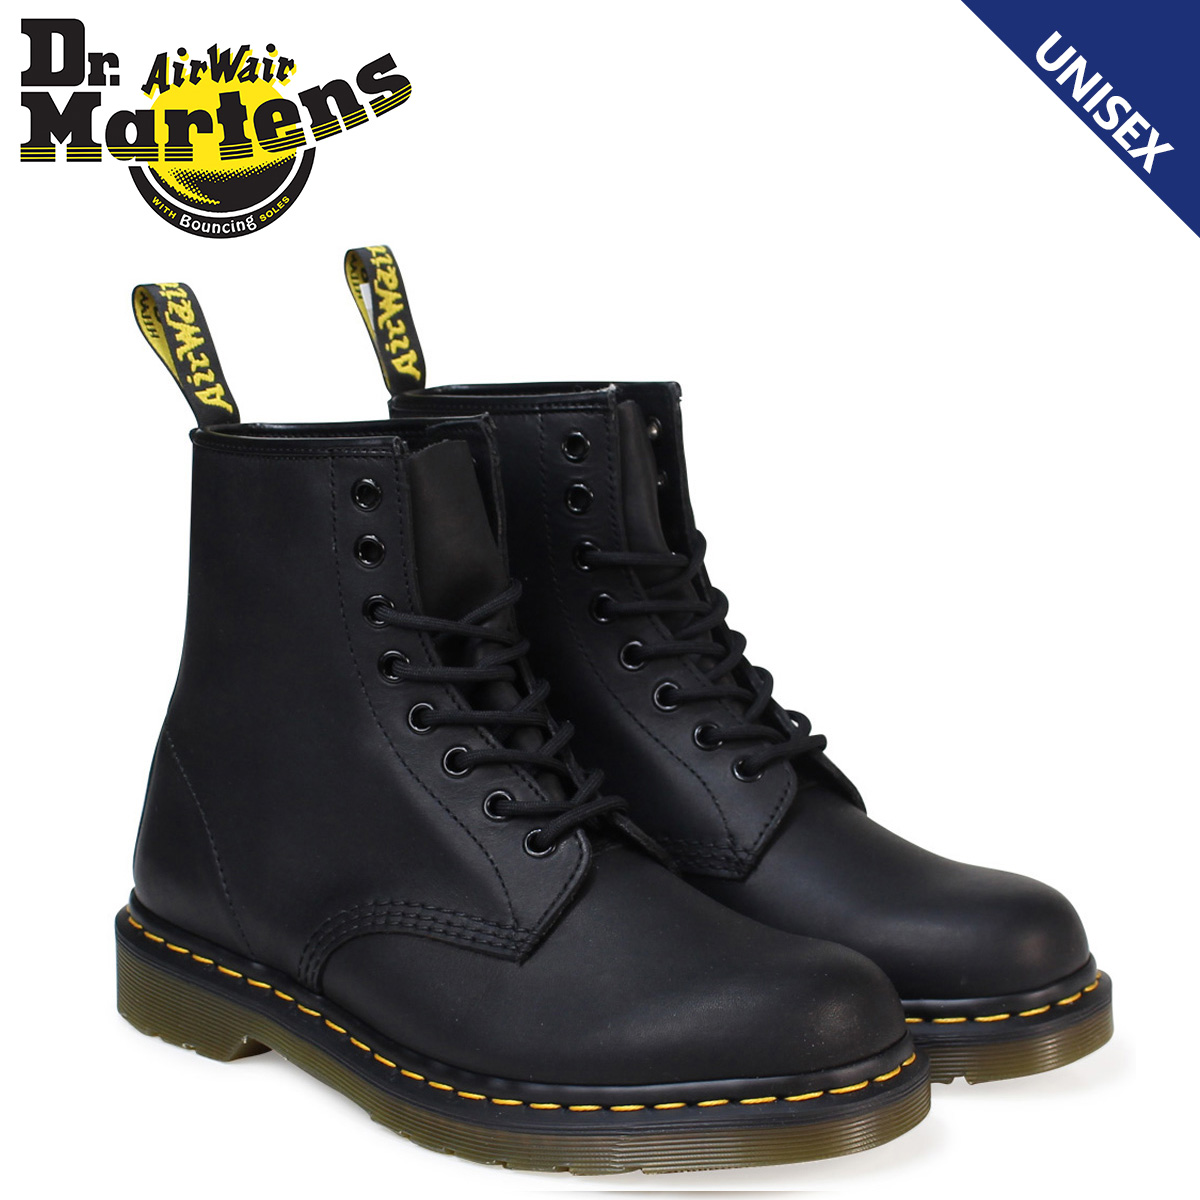 ドクターマーチン Dr.Martens 8ホール 1460 ブーツ メンズ レディース GREASY 8EYE BOOT ブラック R11822003